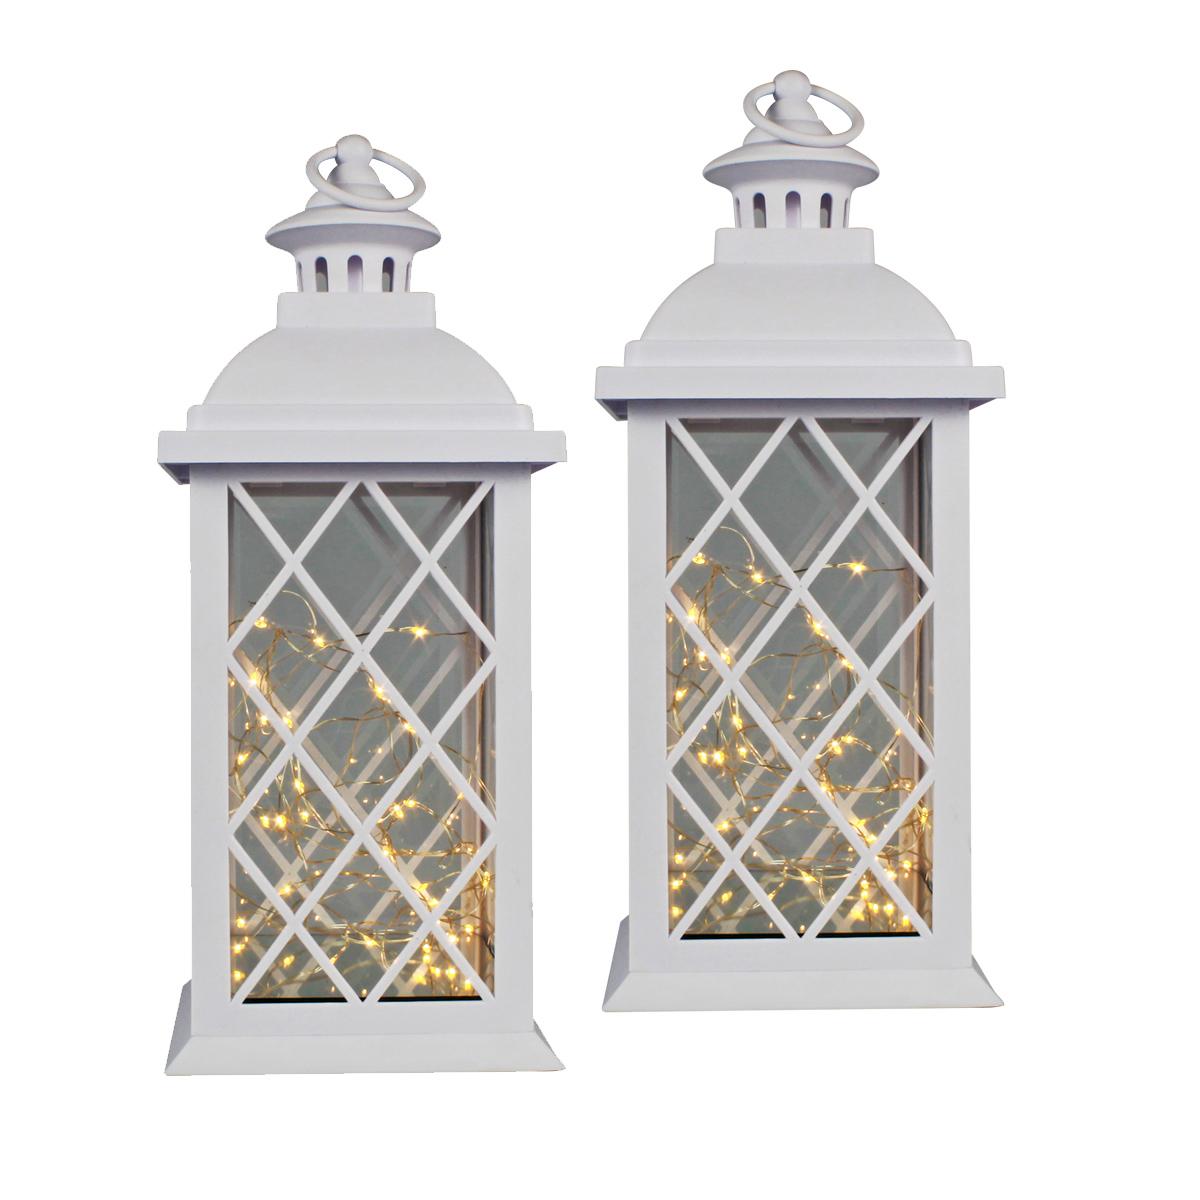 Conj. C/ 2 Lanternas Marroquinas Decorativas LED Brancas 37cm